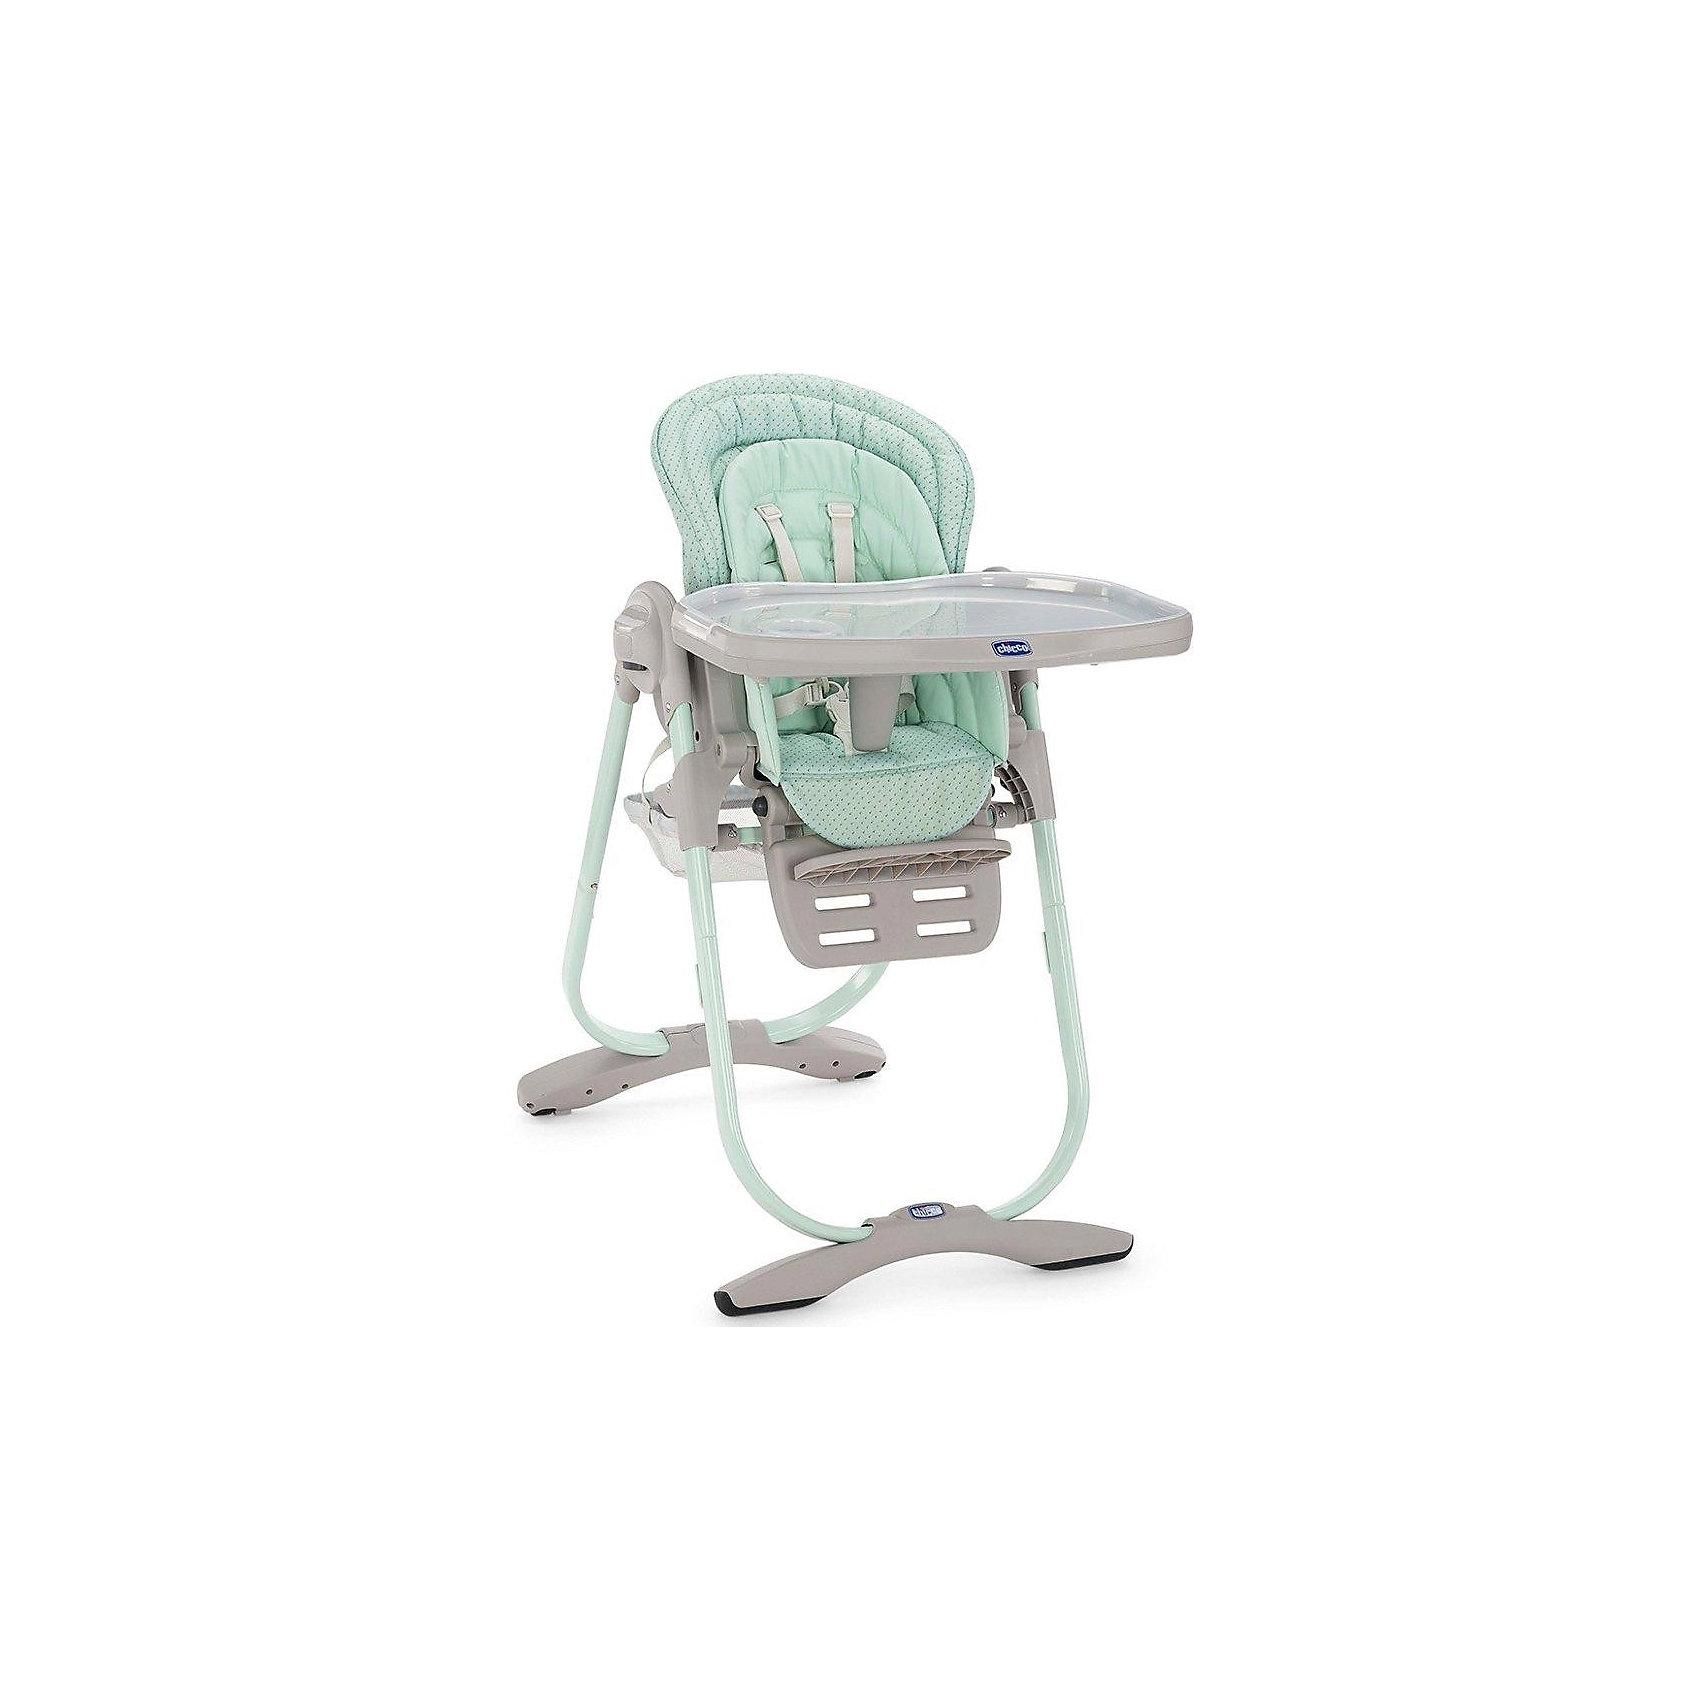 Стульчик для кормления Polly Magic Aquarelle, ChiccoСтульчик для кормления Polly Magic Aquarelle, Chicco (Чико), обеспечит комфорт и безопасность Вашего малыша во время кормления. Спинка сиденья регулируется в 3 положениях (сидя, полусидя, лежа), что позволяет использовать стульчик как для кормления так и для игр и сна. Для новорожденных детей до 6 месяцев можно использовать стульчик как шезлонг, установив спинку в положении полулежа и прикрепив дугу с разноцветными игрушками. Для детей возрастом от 6 до 12 месяцев его можно превратить в высокий детский стульчик. Удобное эргономичное сиденье оснащено регулируемыми 5-точечными ремнями безопасности, внутри имеется съемный мягкий вкладыш с набивкой. Высота стула регулируется в 6 положениях. Подножка также регулируется в 3-х положениях по высоте. <br><br>Широкий съемный столик имеет крышку с отделением для кружки или стакана, которую можно снять и использовать основную поверхность для игр и занятий. Столик легко снимается нажатием одной кнопки. Для детей от года до 3 лет стул можно использовать без столика для<br>кормления, придвинув его к столу для взрослых. Внизу стульчика крепится вместительная корзина для детских принадлежностей. Тканевые детали снимаются для чистки. Стульчик легко складывается с помощью кнопки регулировки и складывания Easy Touch и занимает мало места при хранении.<br><br>Дополнительная информация:<br><br>- Цвет: Aquarelle (зеленый).<br>- Материал: пластик, металл, текстиль.<br>- Размер в разложенном состоянии: 104,5 х 63,5 х 85 см. <br>- Размер в сложенном состоянии: 100 х 55 х 27 см. <br>- Вес: 12,535 кг.<br><br>Стульчик для кормления Polly Magic Aquarelle, Chicco (Чико), можно купить в нашем интернет-магазине.<br><br>Ширина мм: 560<br>Глубина мм: 320<br>Высота мм: 630<br>Вес г: 12535<br>Цвет: аквамарин<br>Возраст от месяцев: 0<br>Возраст до месяцев: 36<br>Пол: Унисекс<br>Возраст: Детский<br>SKU: 4546660